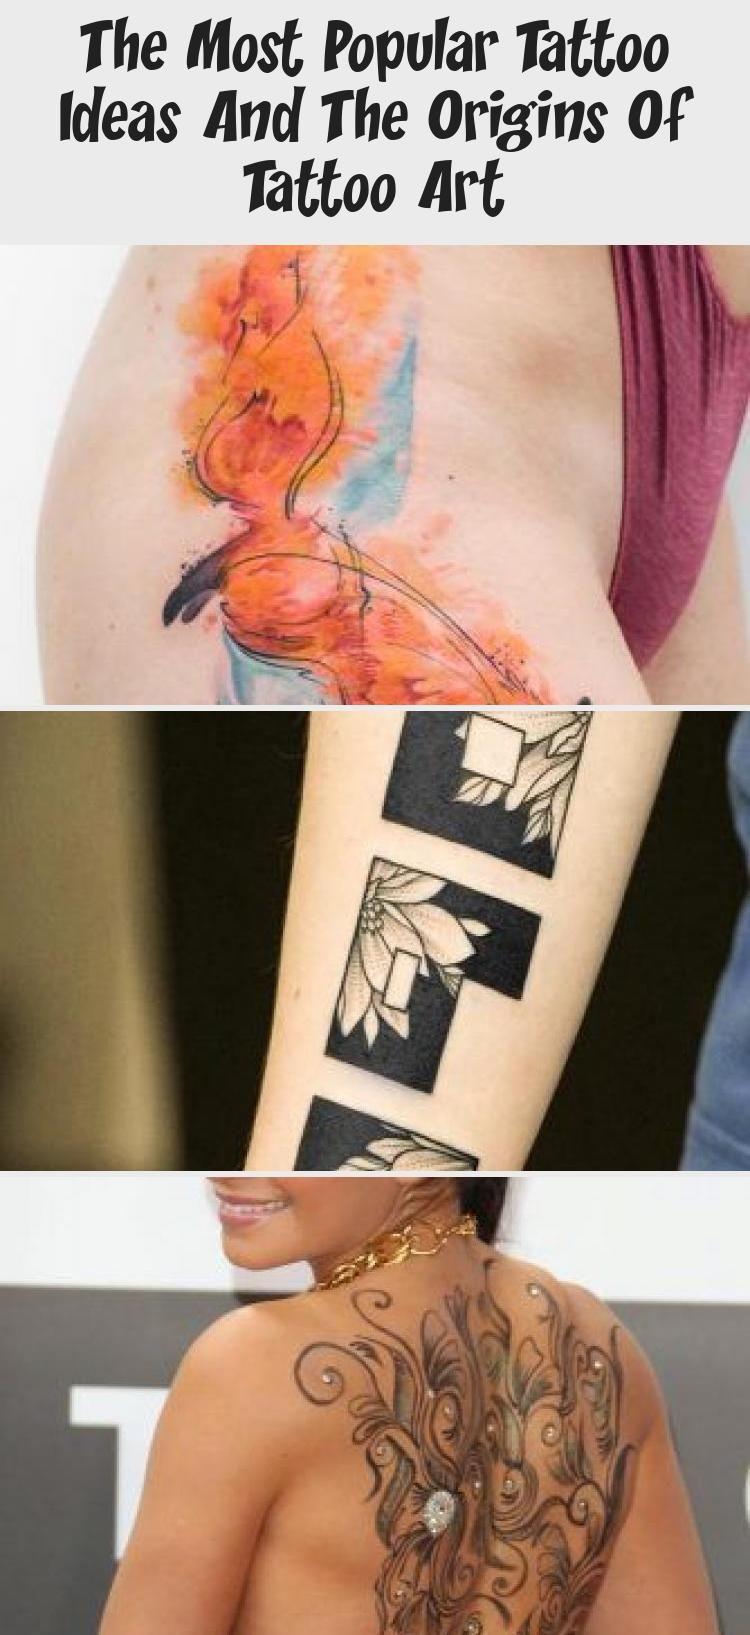 Photo of Les idées de tatouage les plus populaires et les origines de l'art du tatouage